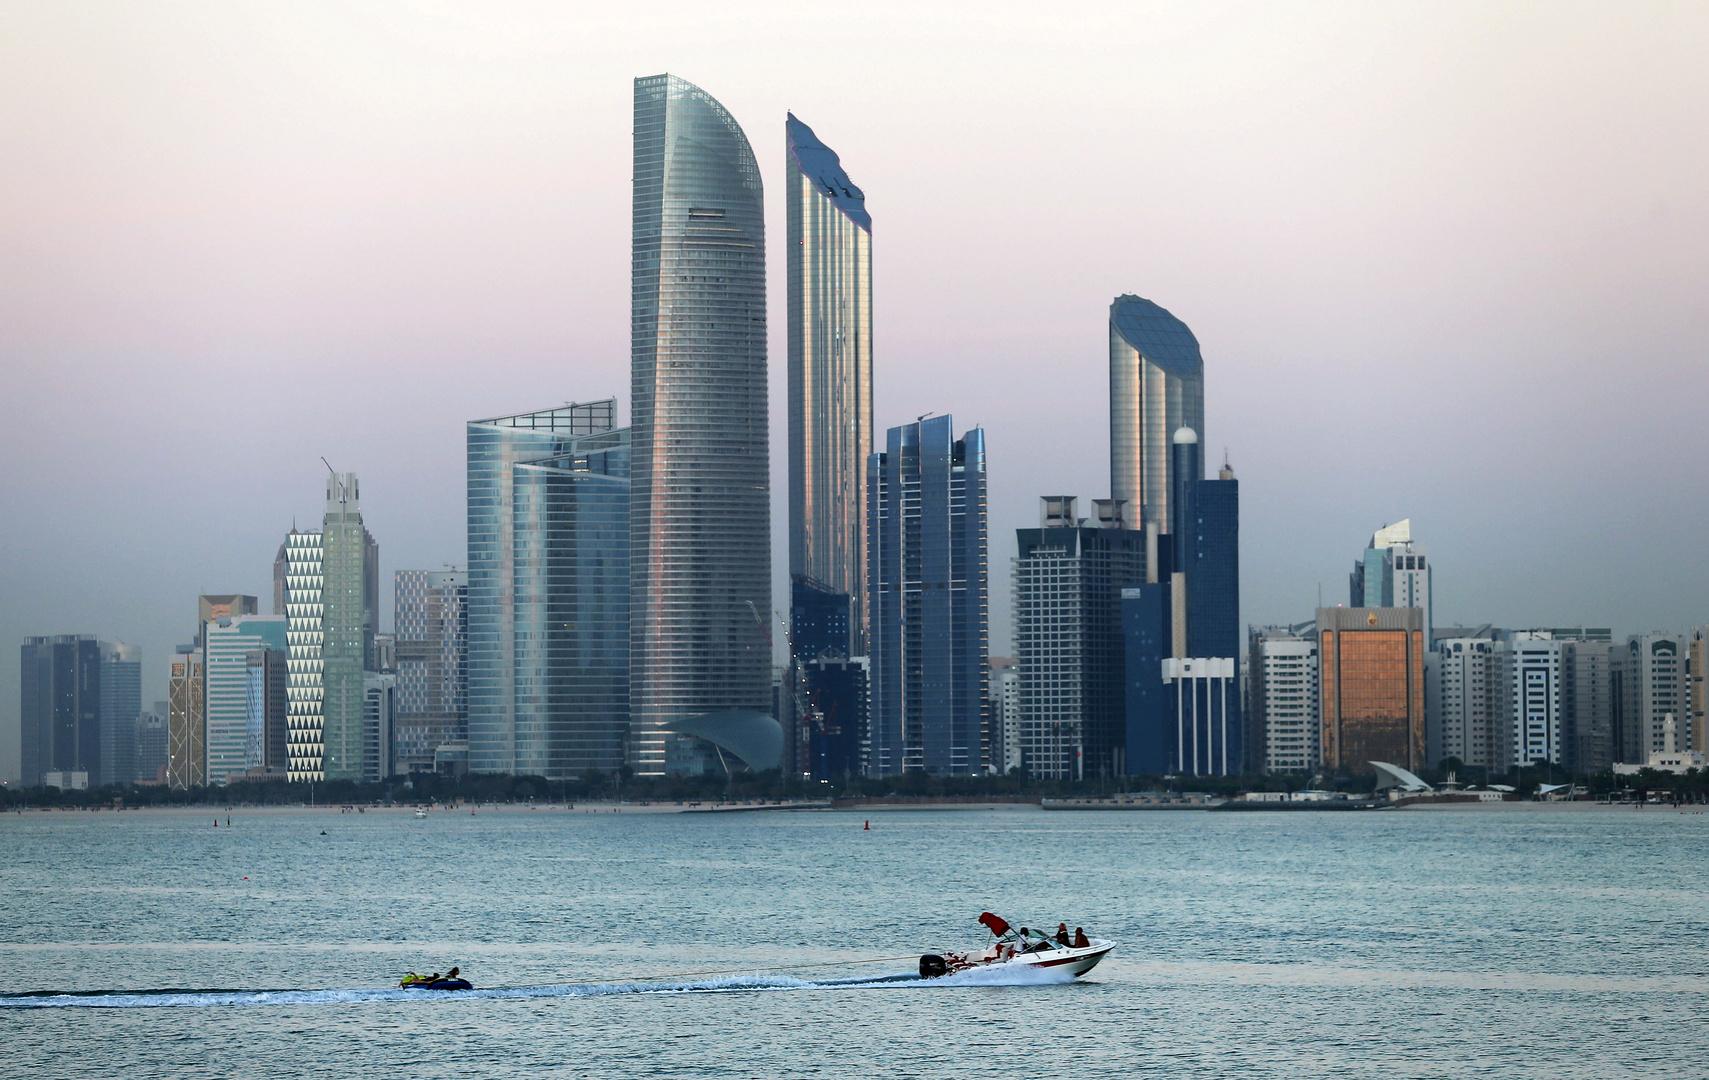 تقرير أمريكي: الإمارات أجرت مفاوضات سرية مع إيران دون علم الولايات المتحدة